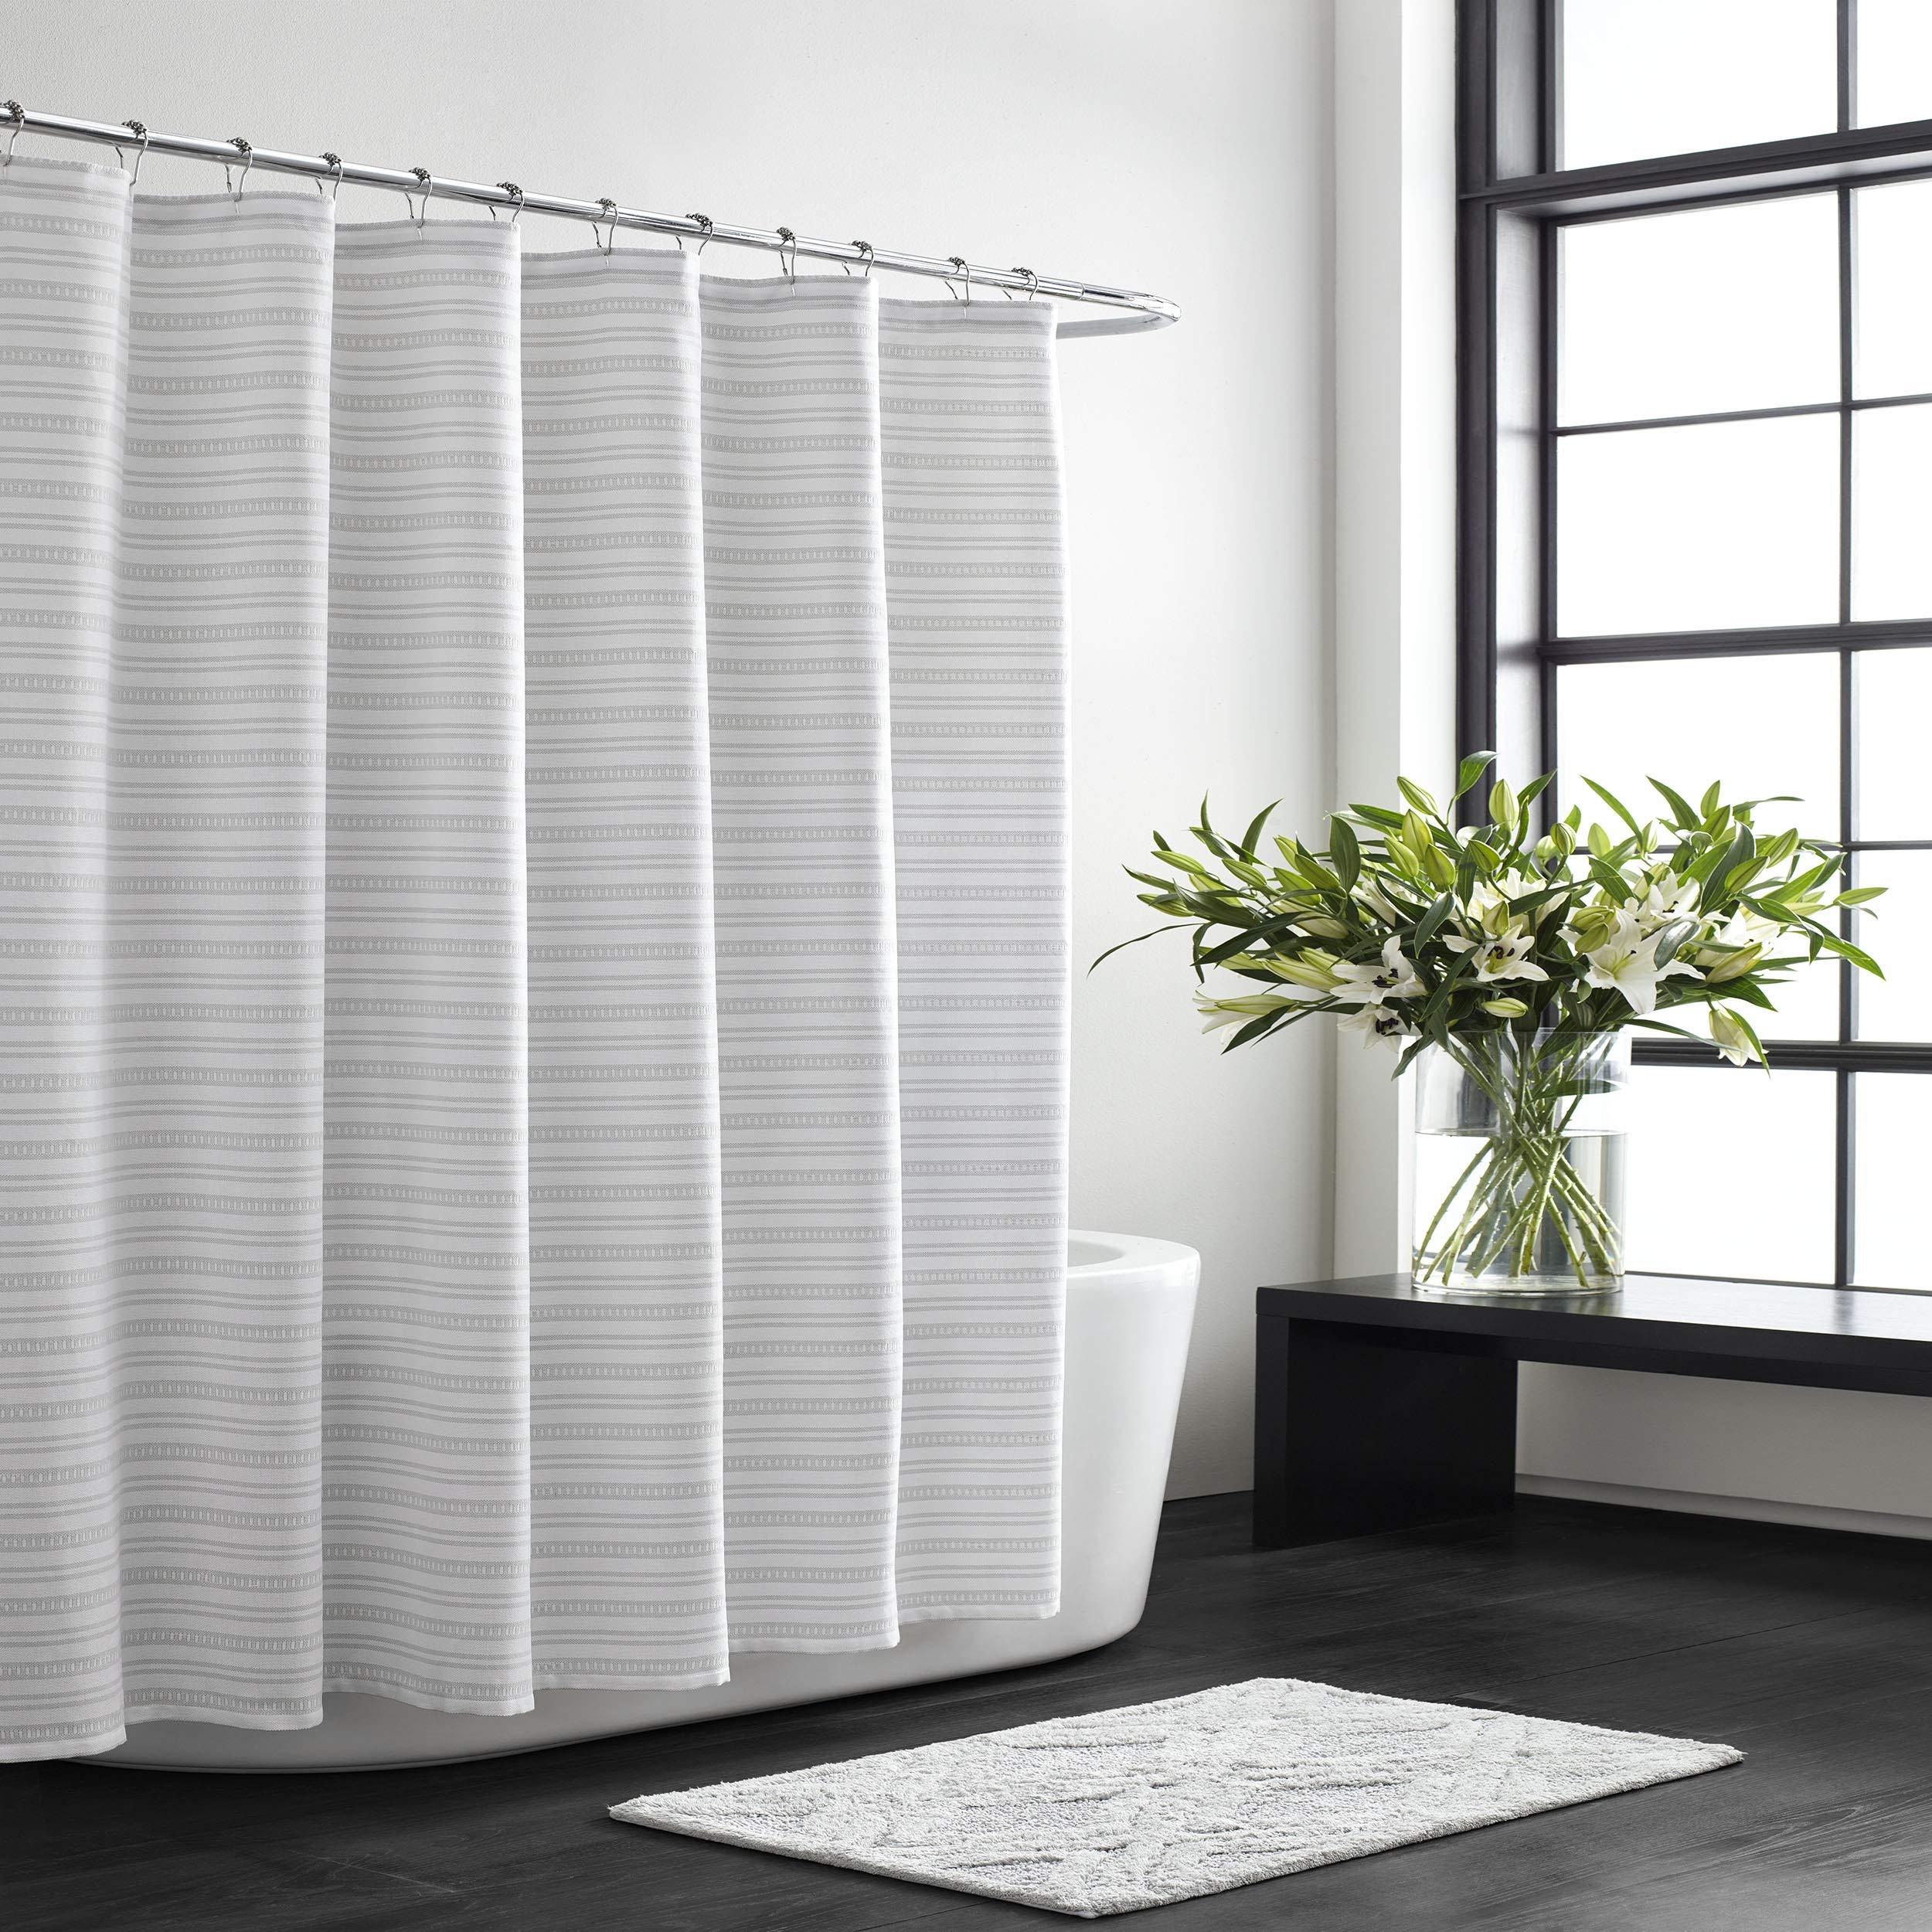 Vera Wang Textured Stripe Shower Curtain 72x70 White